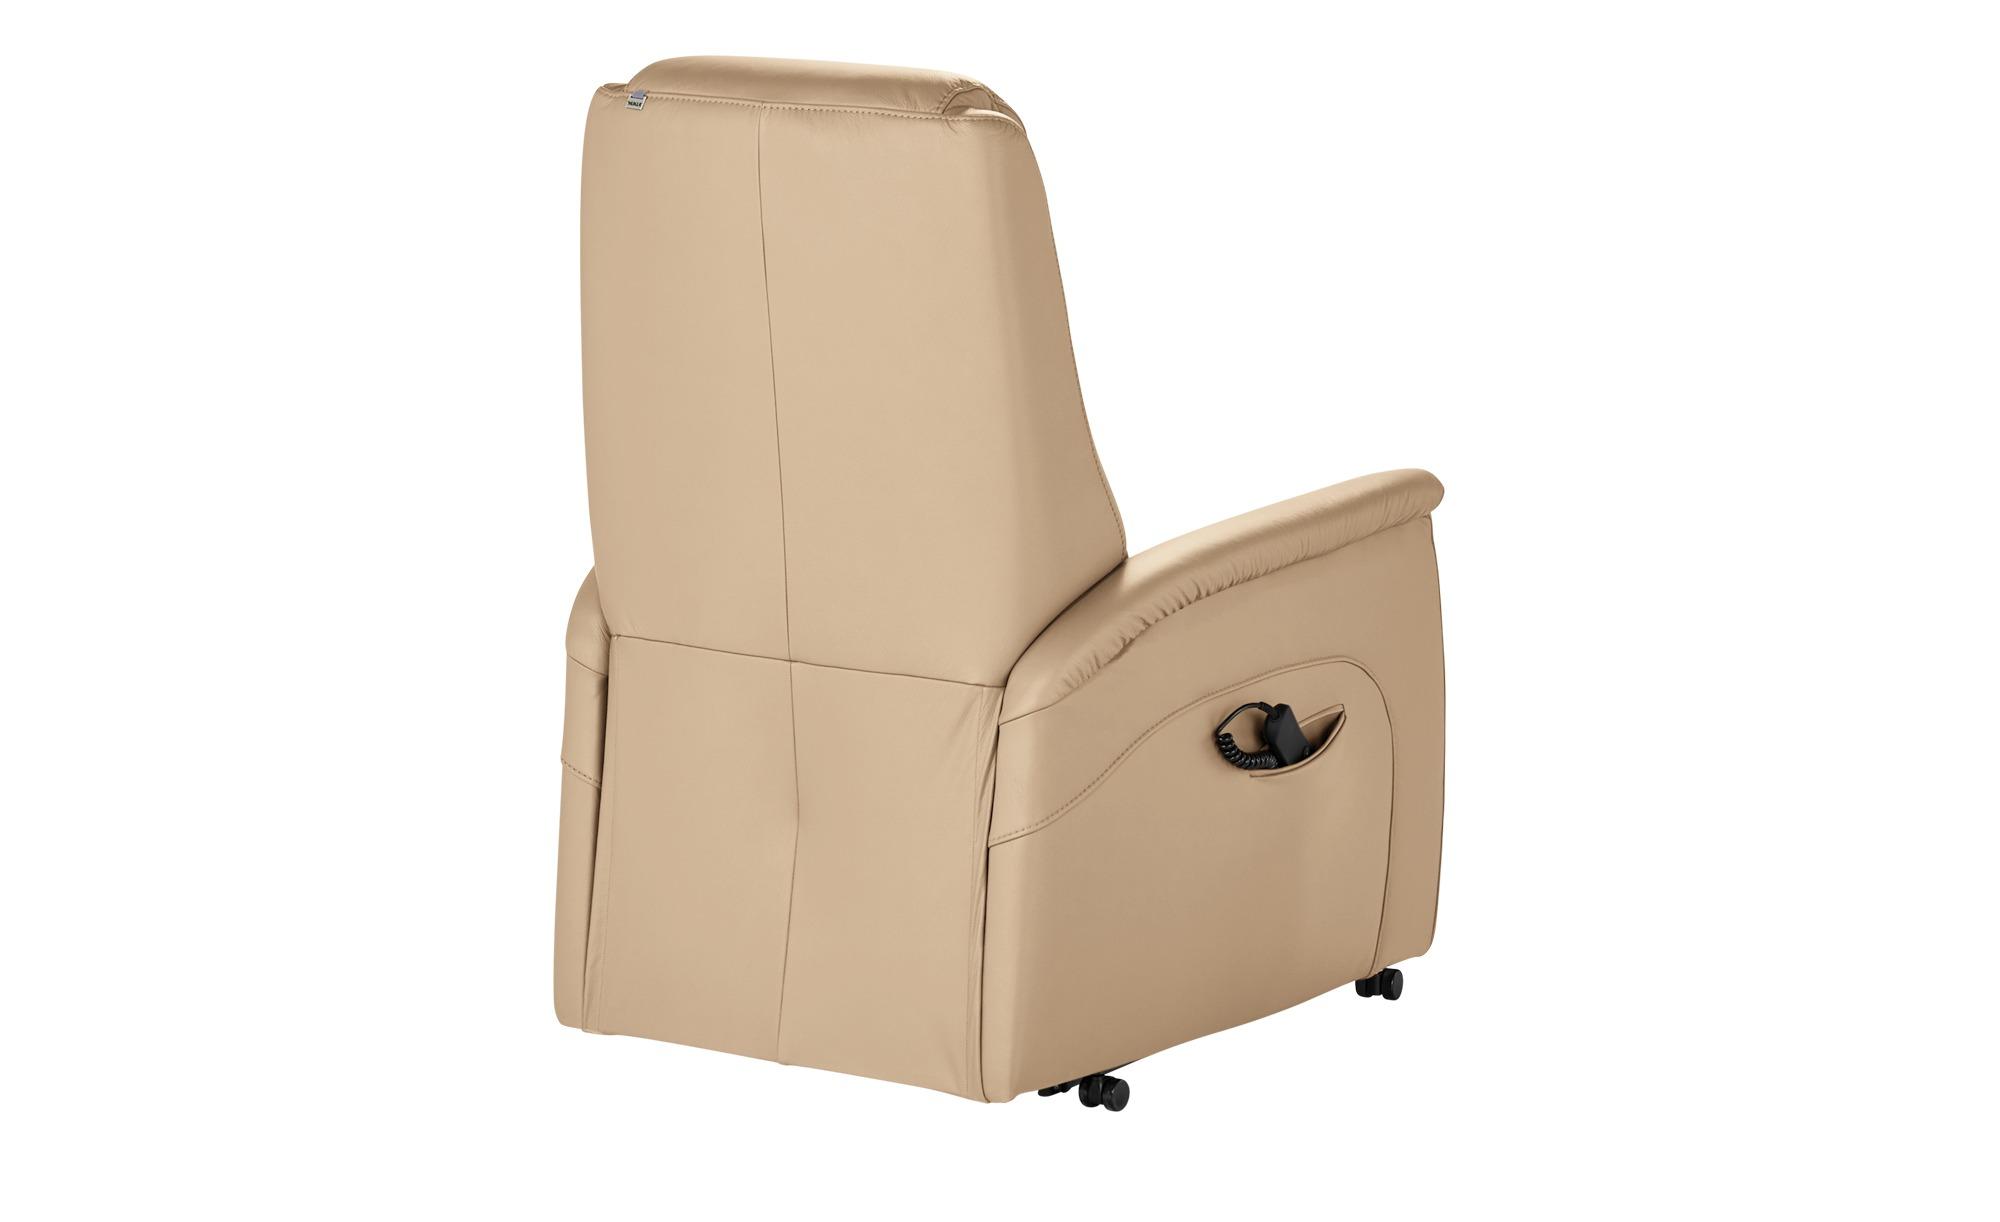 Hukla Fernsehsessel  Dean ¦ beige ¦ Maße (cm): B: 70 H: 109 T: 88 Polstermöbel > Sessel > Ledersessel - Höffner